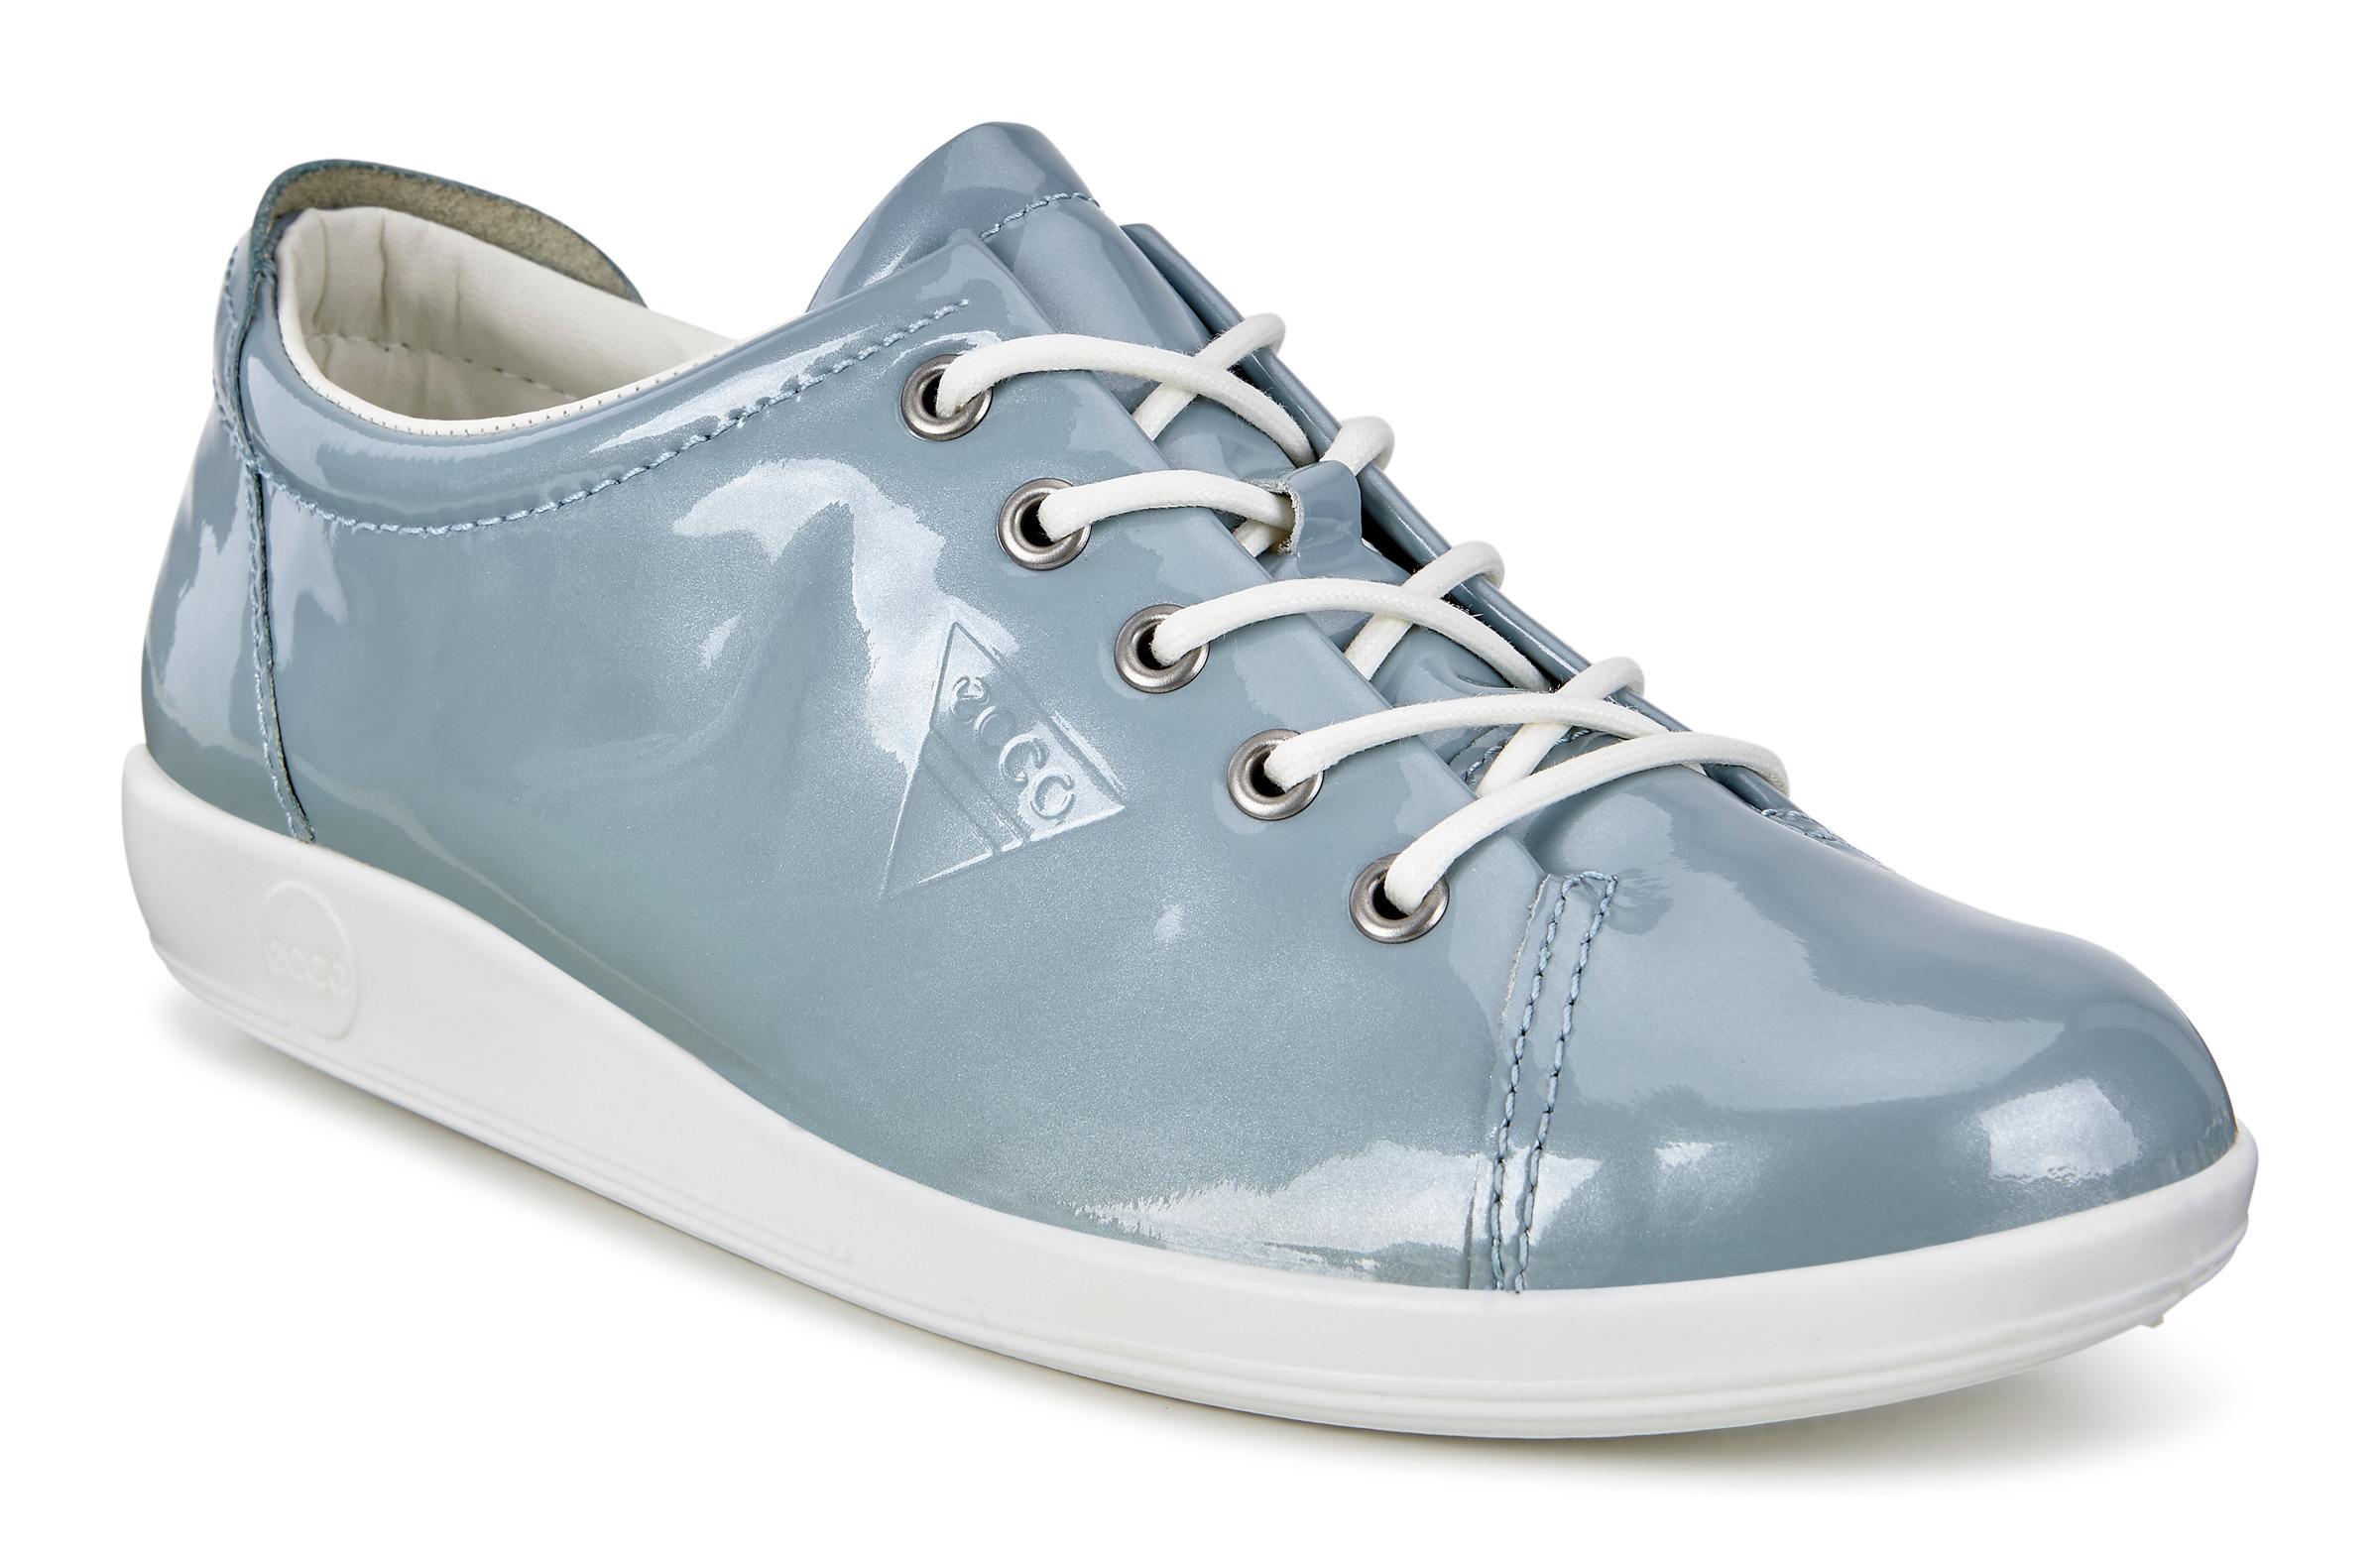 Ecco® Sneaker Shop Für Offiziellen DamenIm Einkaufen zpGMUqSV